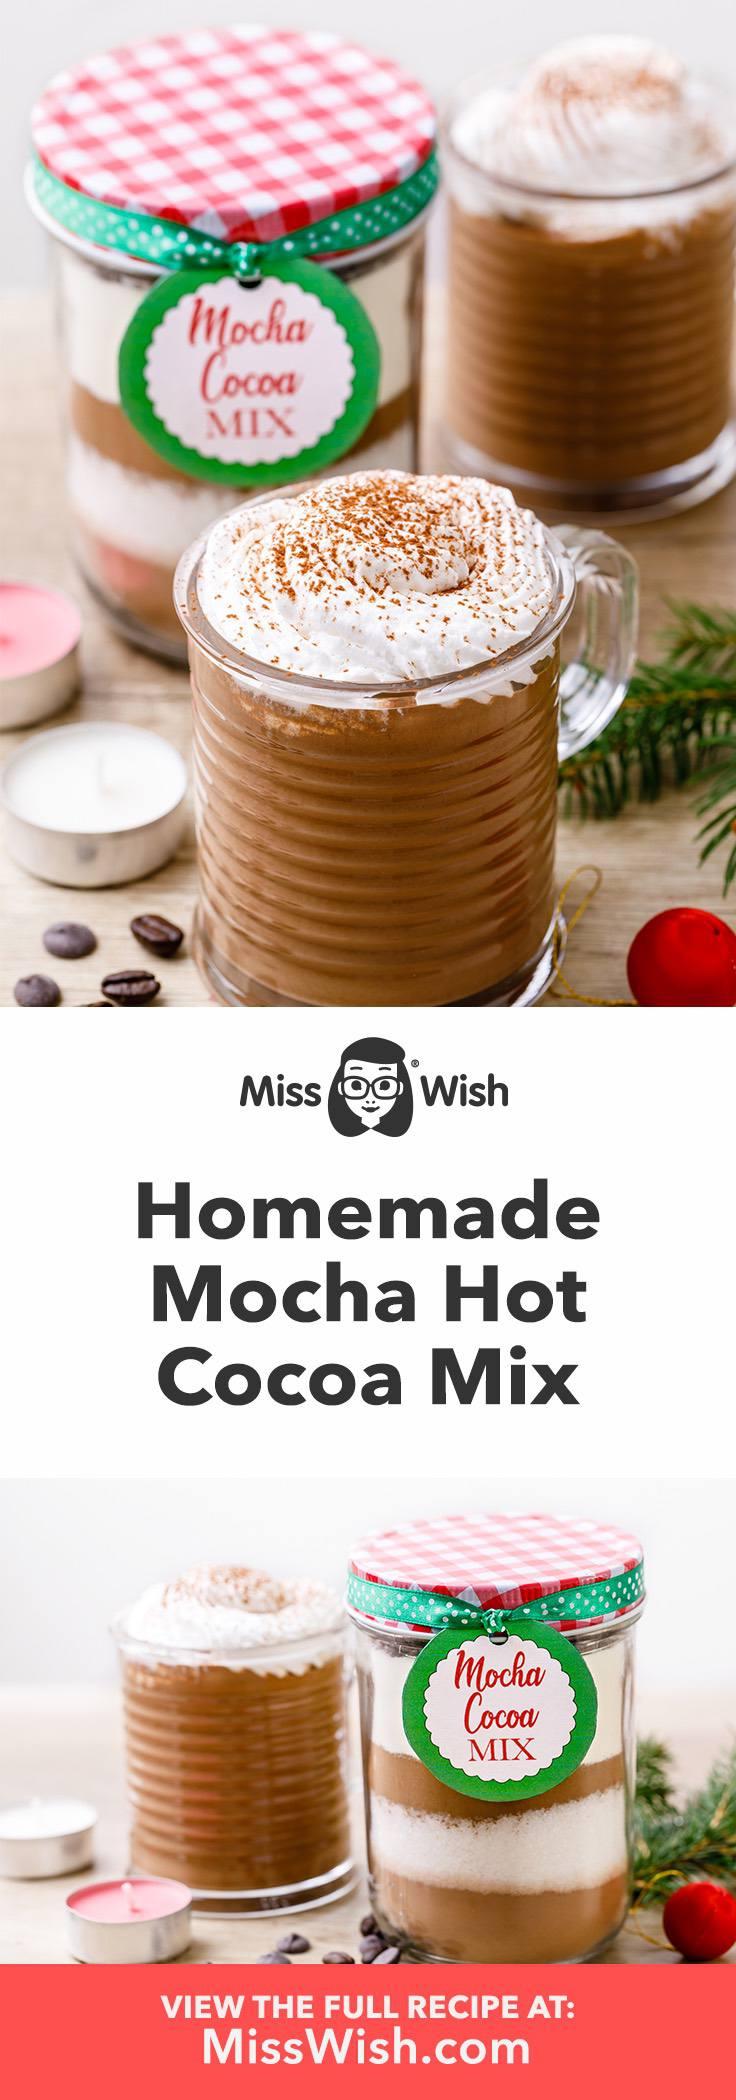 Homemade Mocha Hot Cocoa Mix - Miss Wish